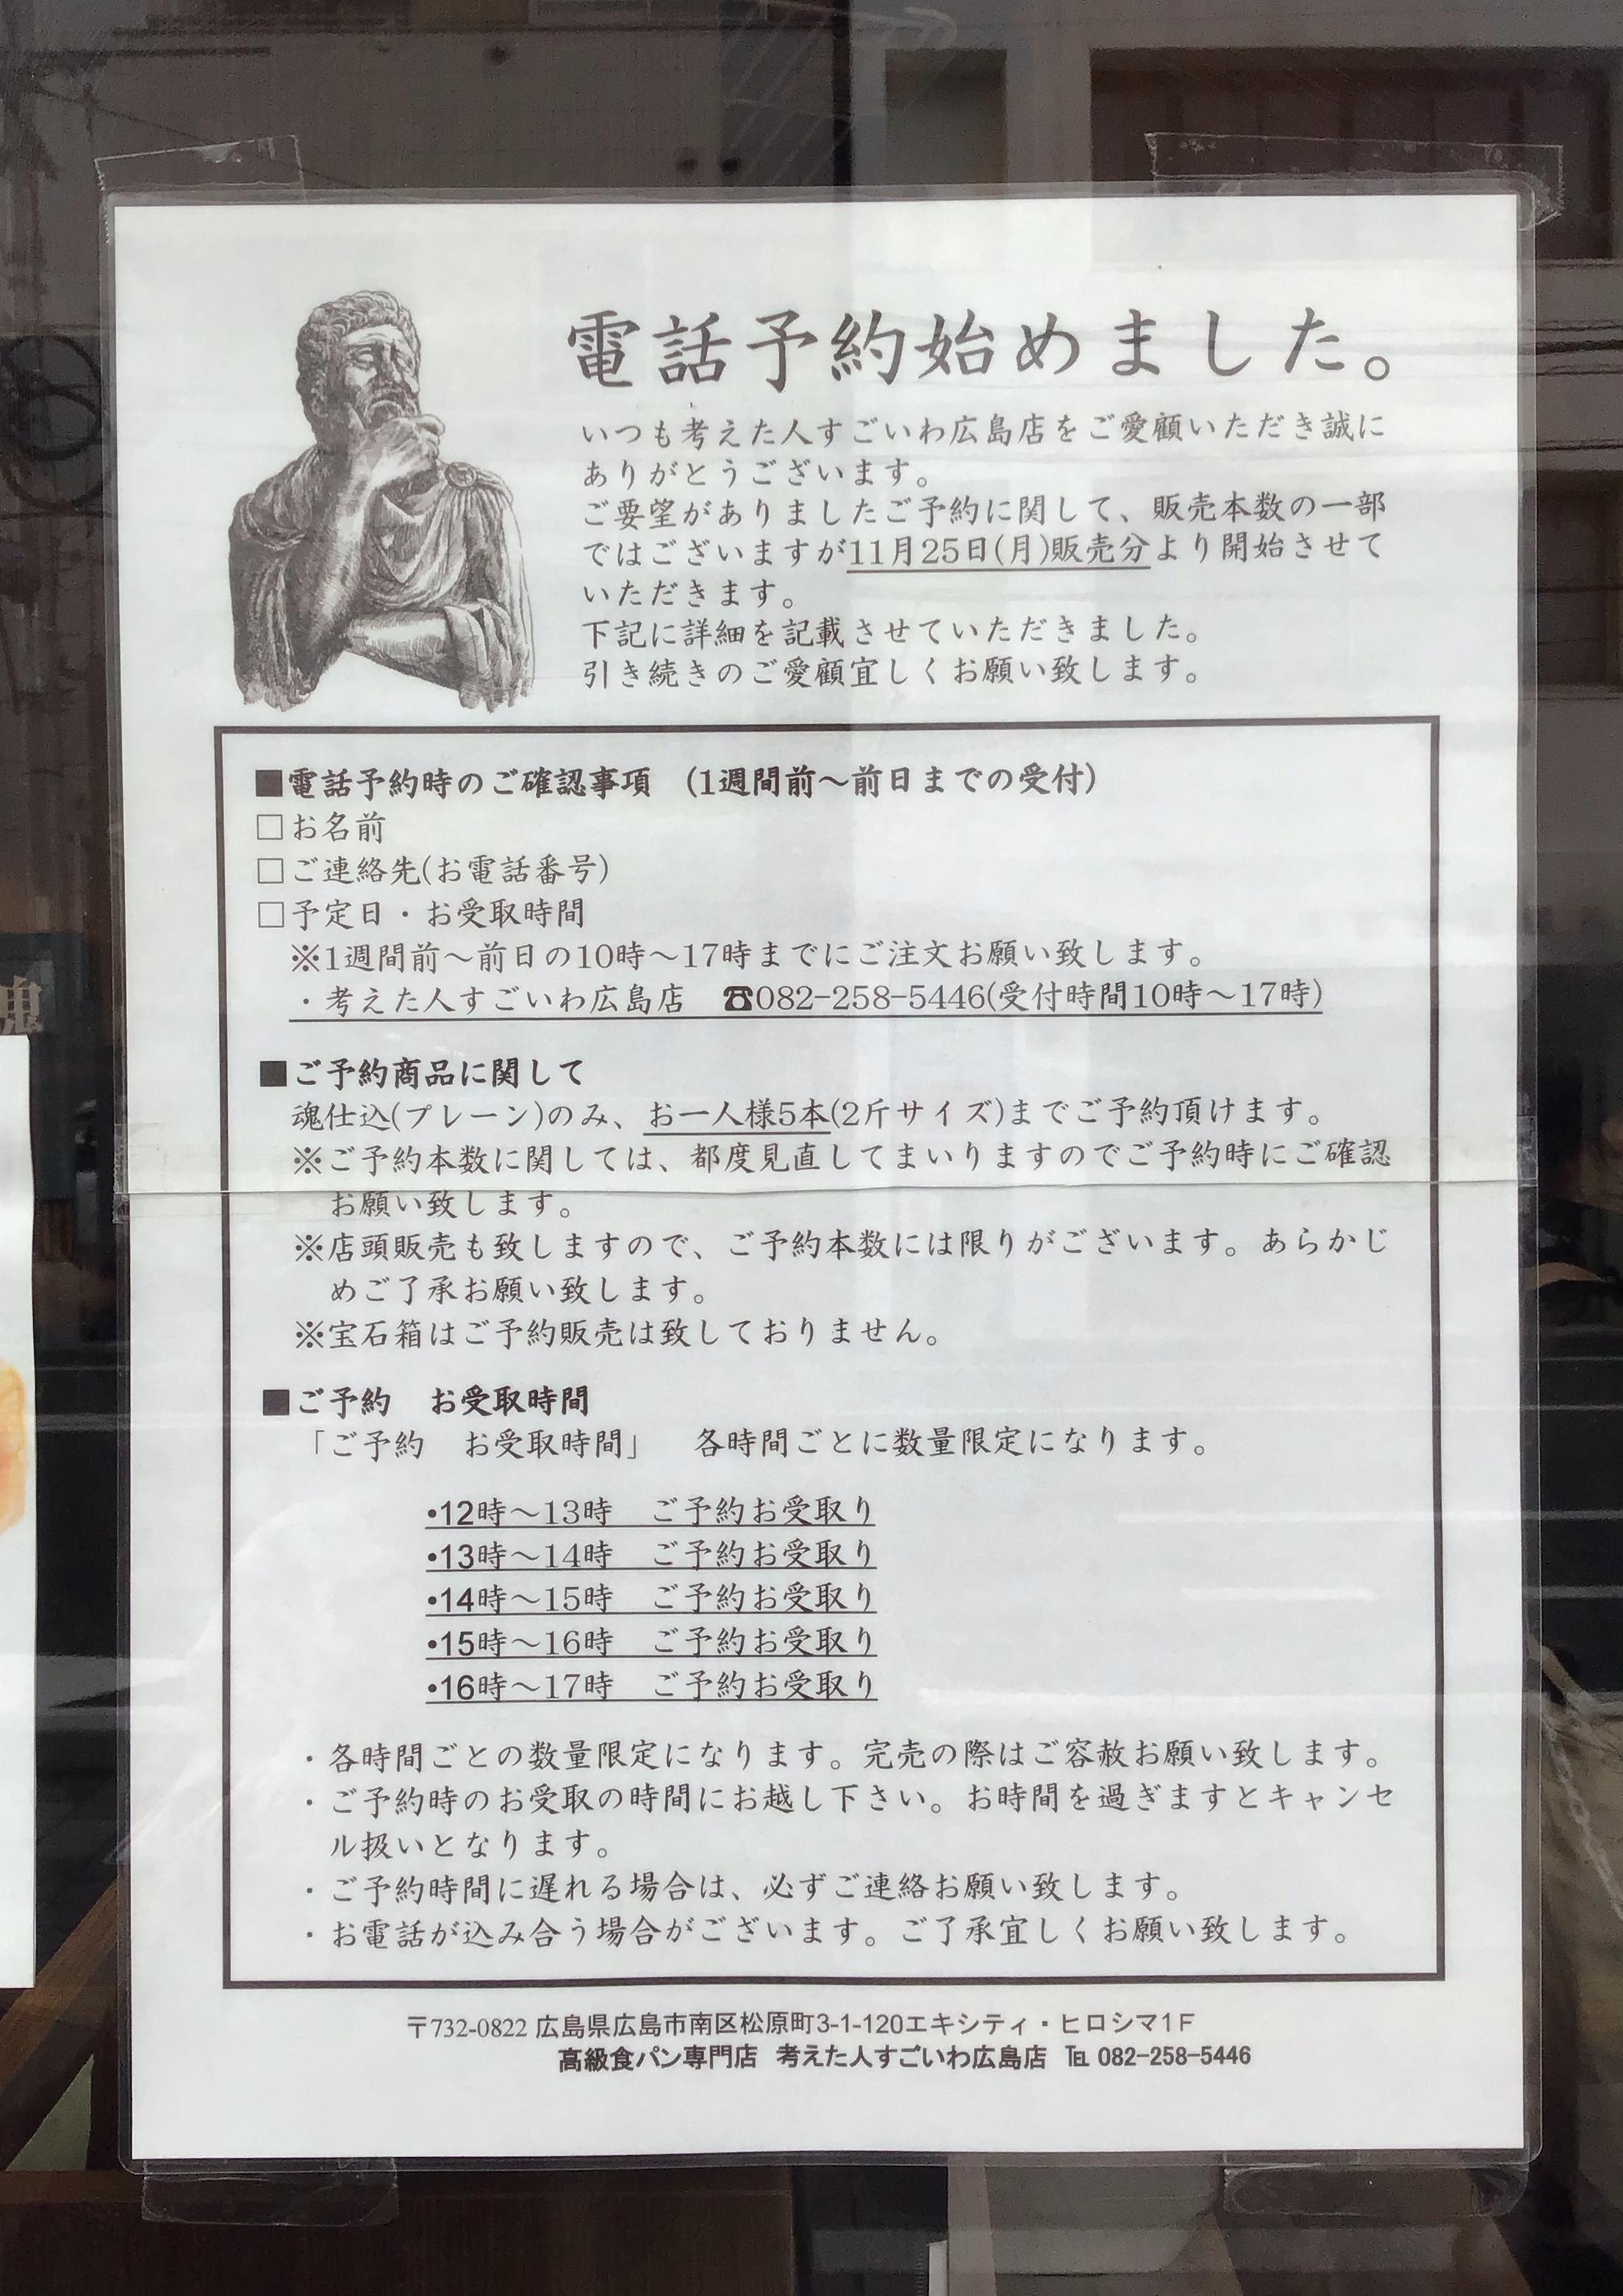 【西日本初出店】ついに広島にも高級食パン店「考えた人すごいわ」がオープン! 購入できる方法も紹介♡_3